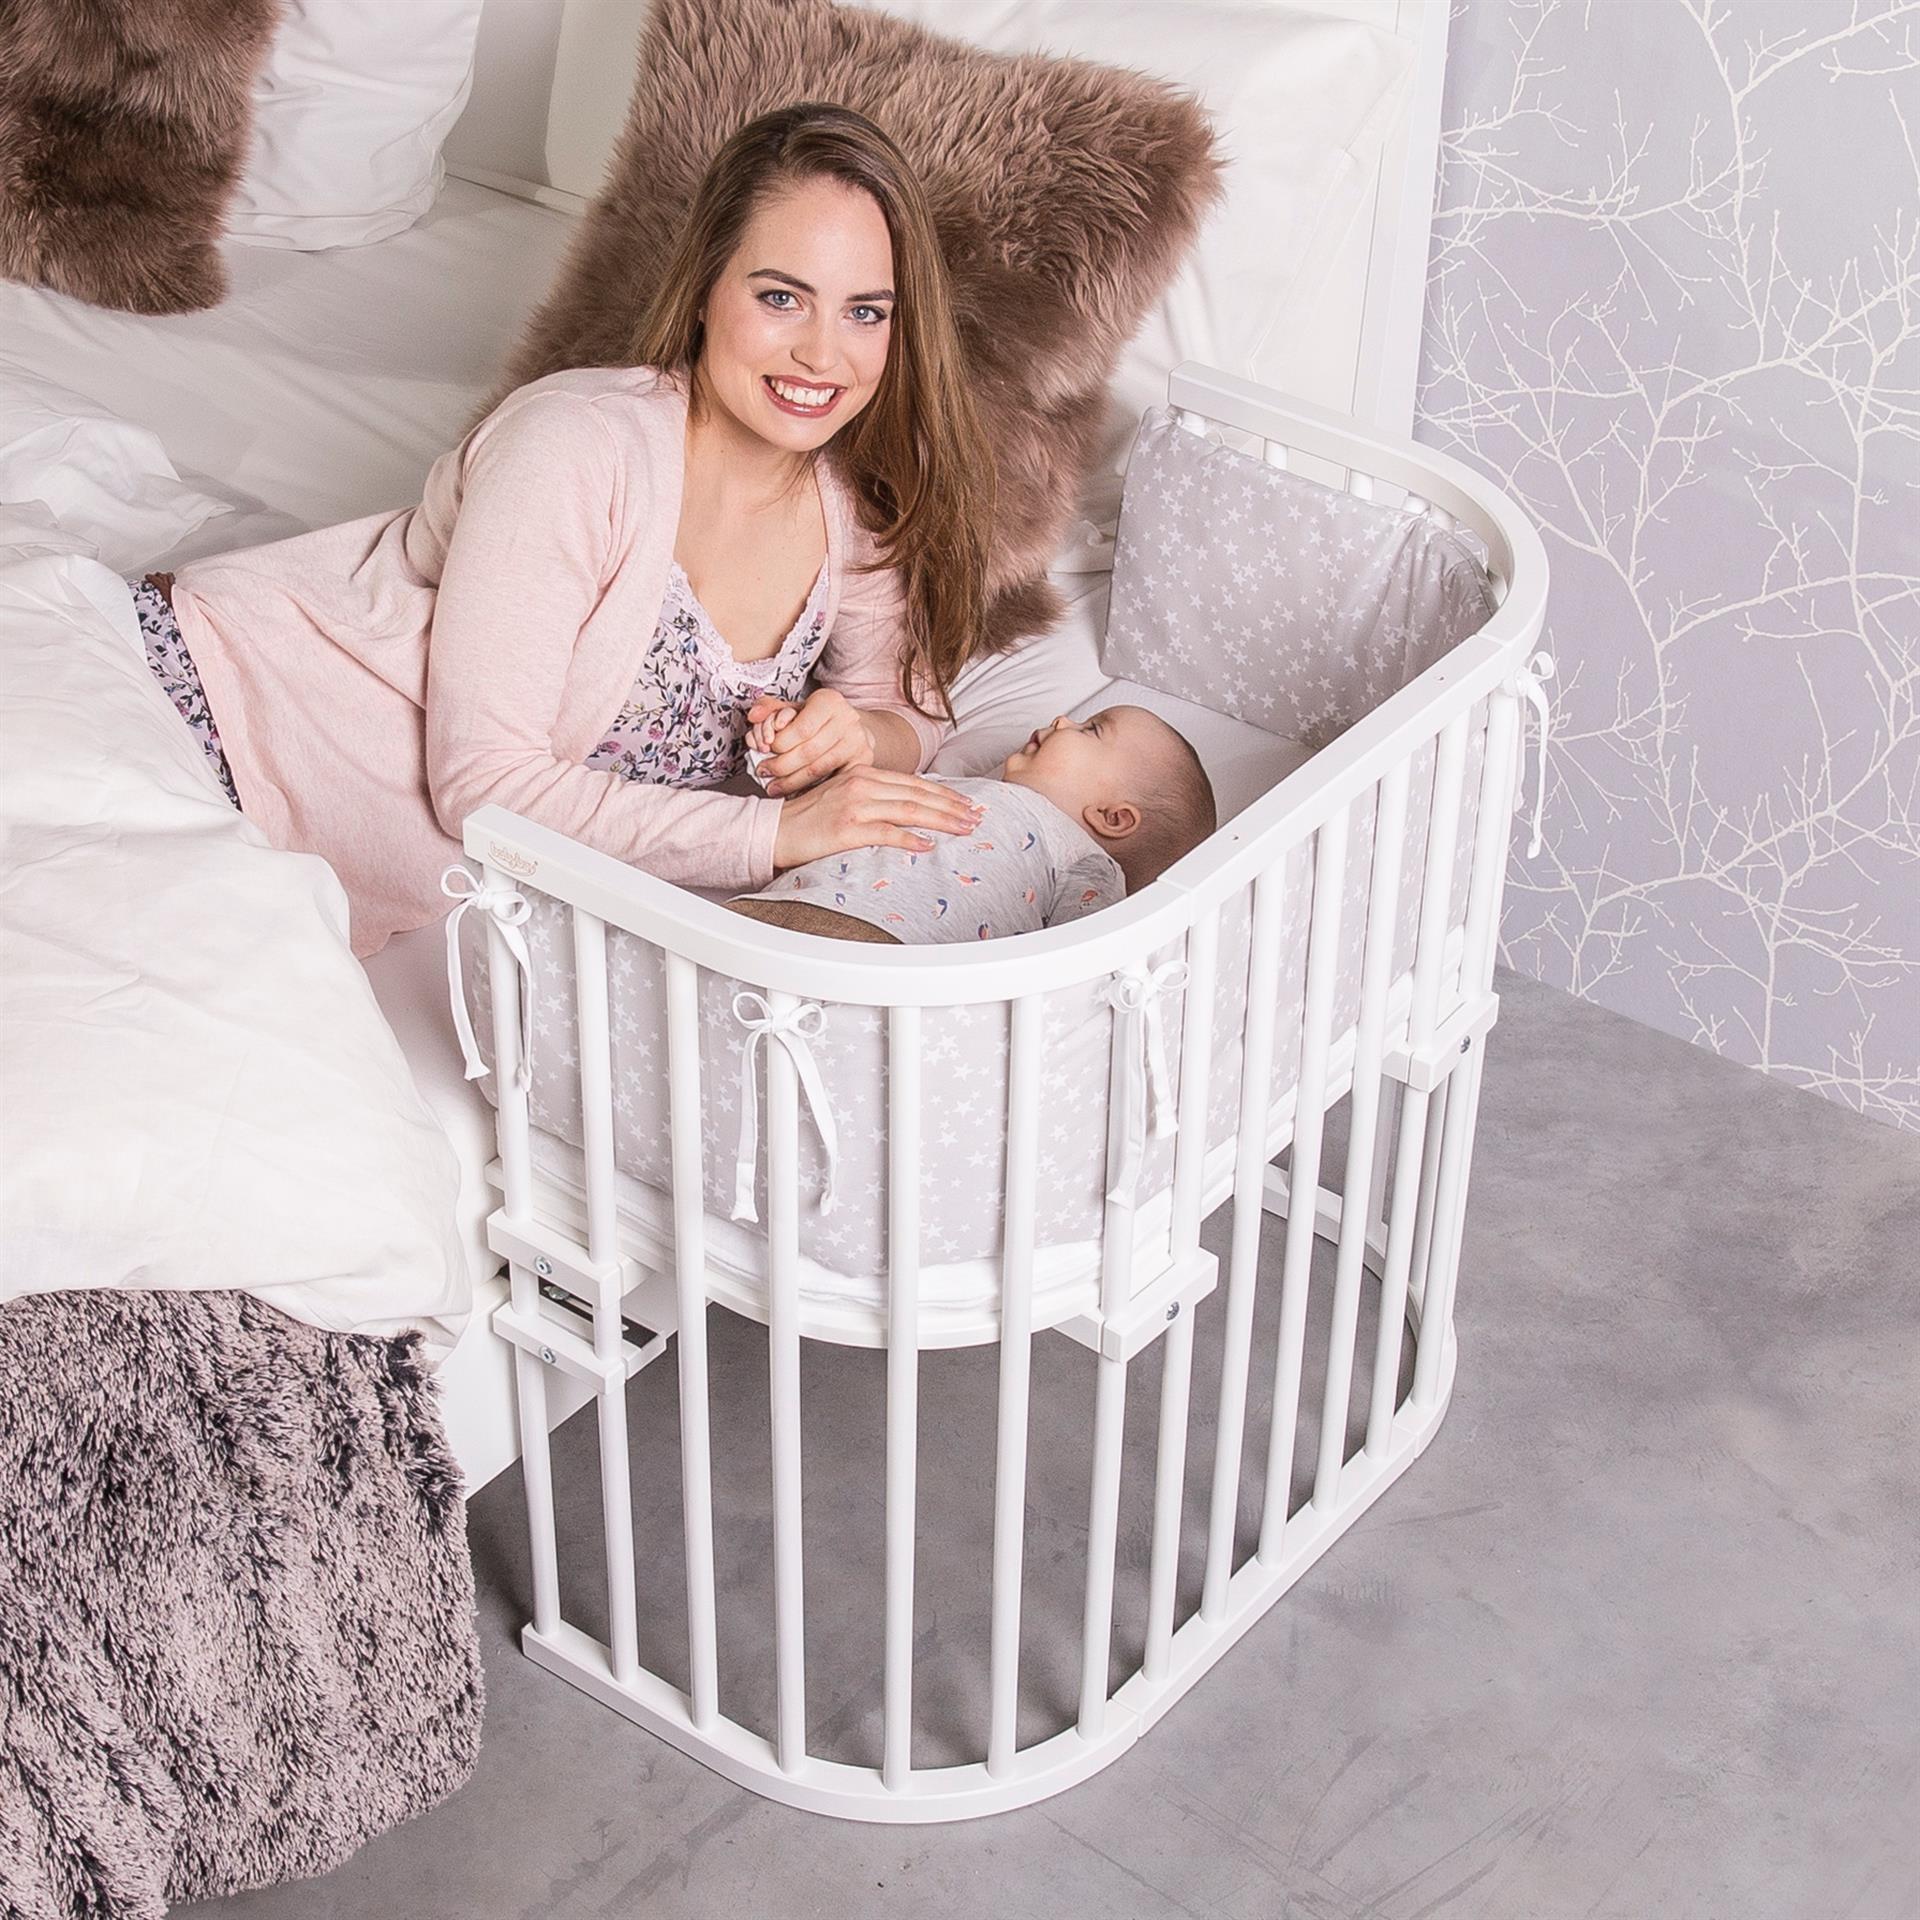 Slaap veilig samen met je baby, met een Babybay Co-slaper Original aanschuifbedje